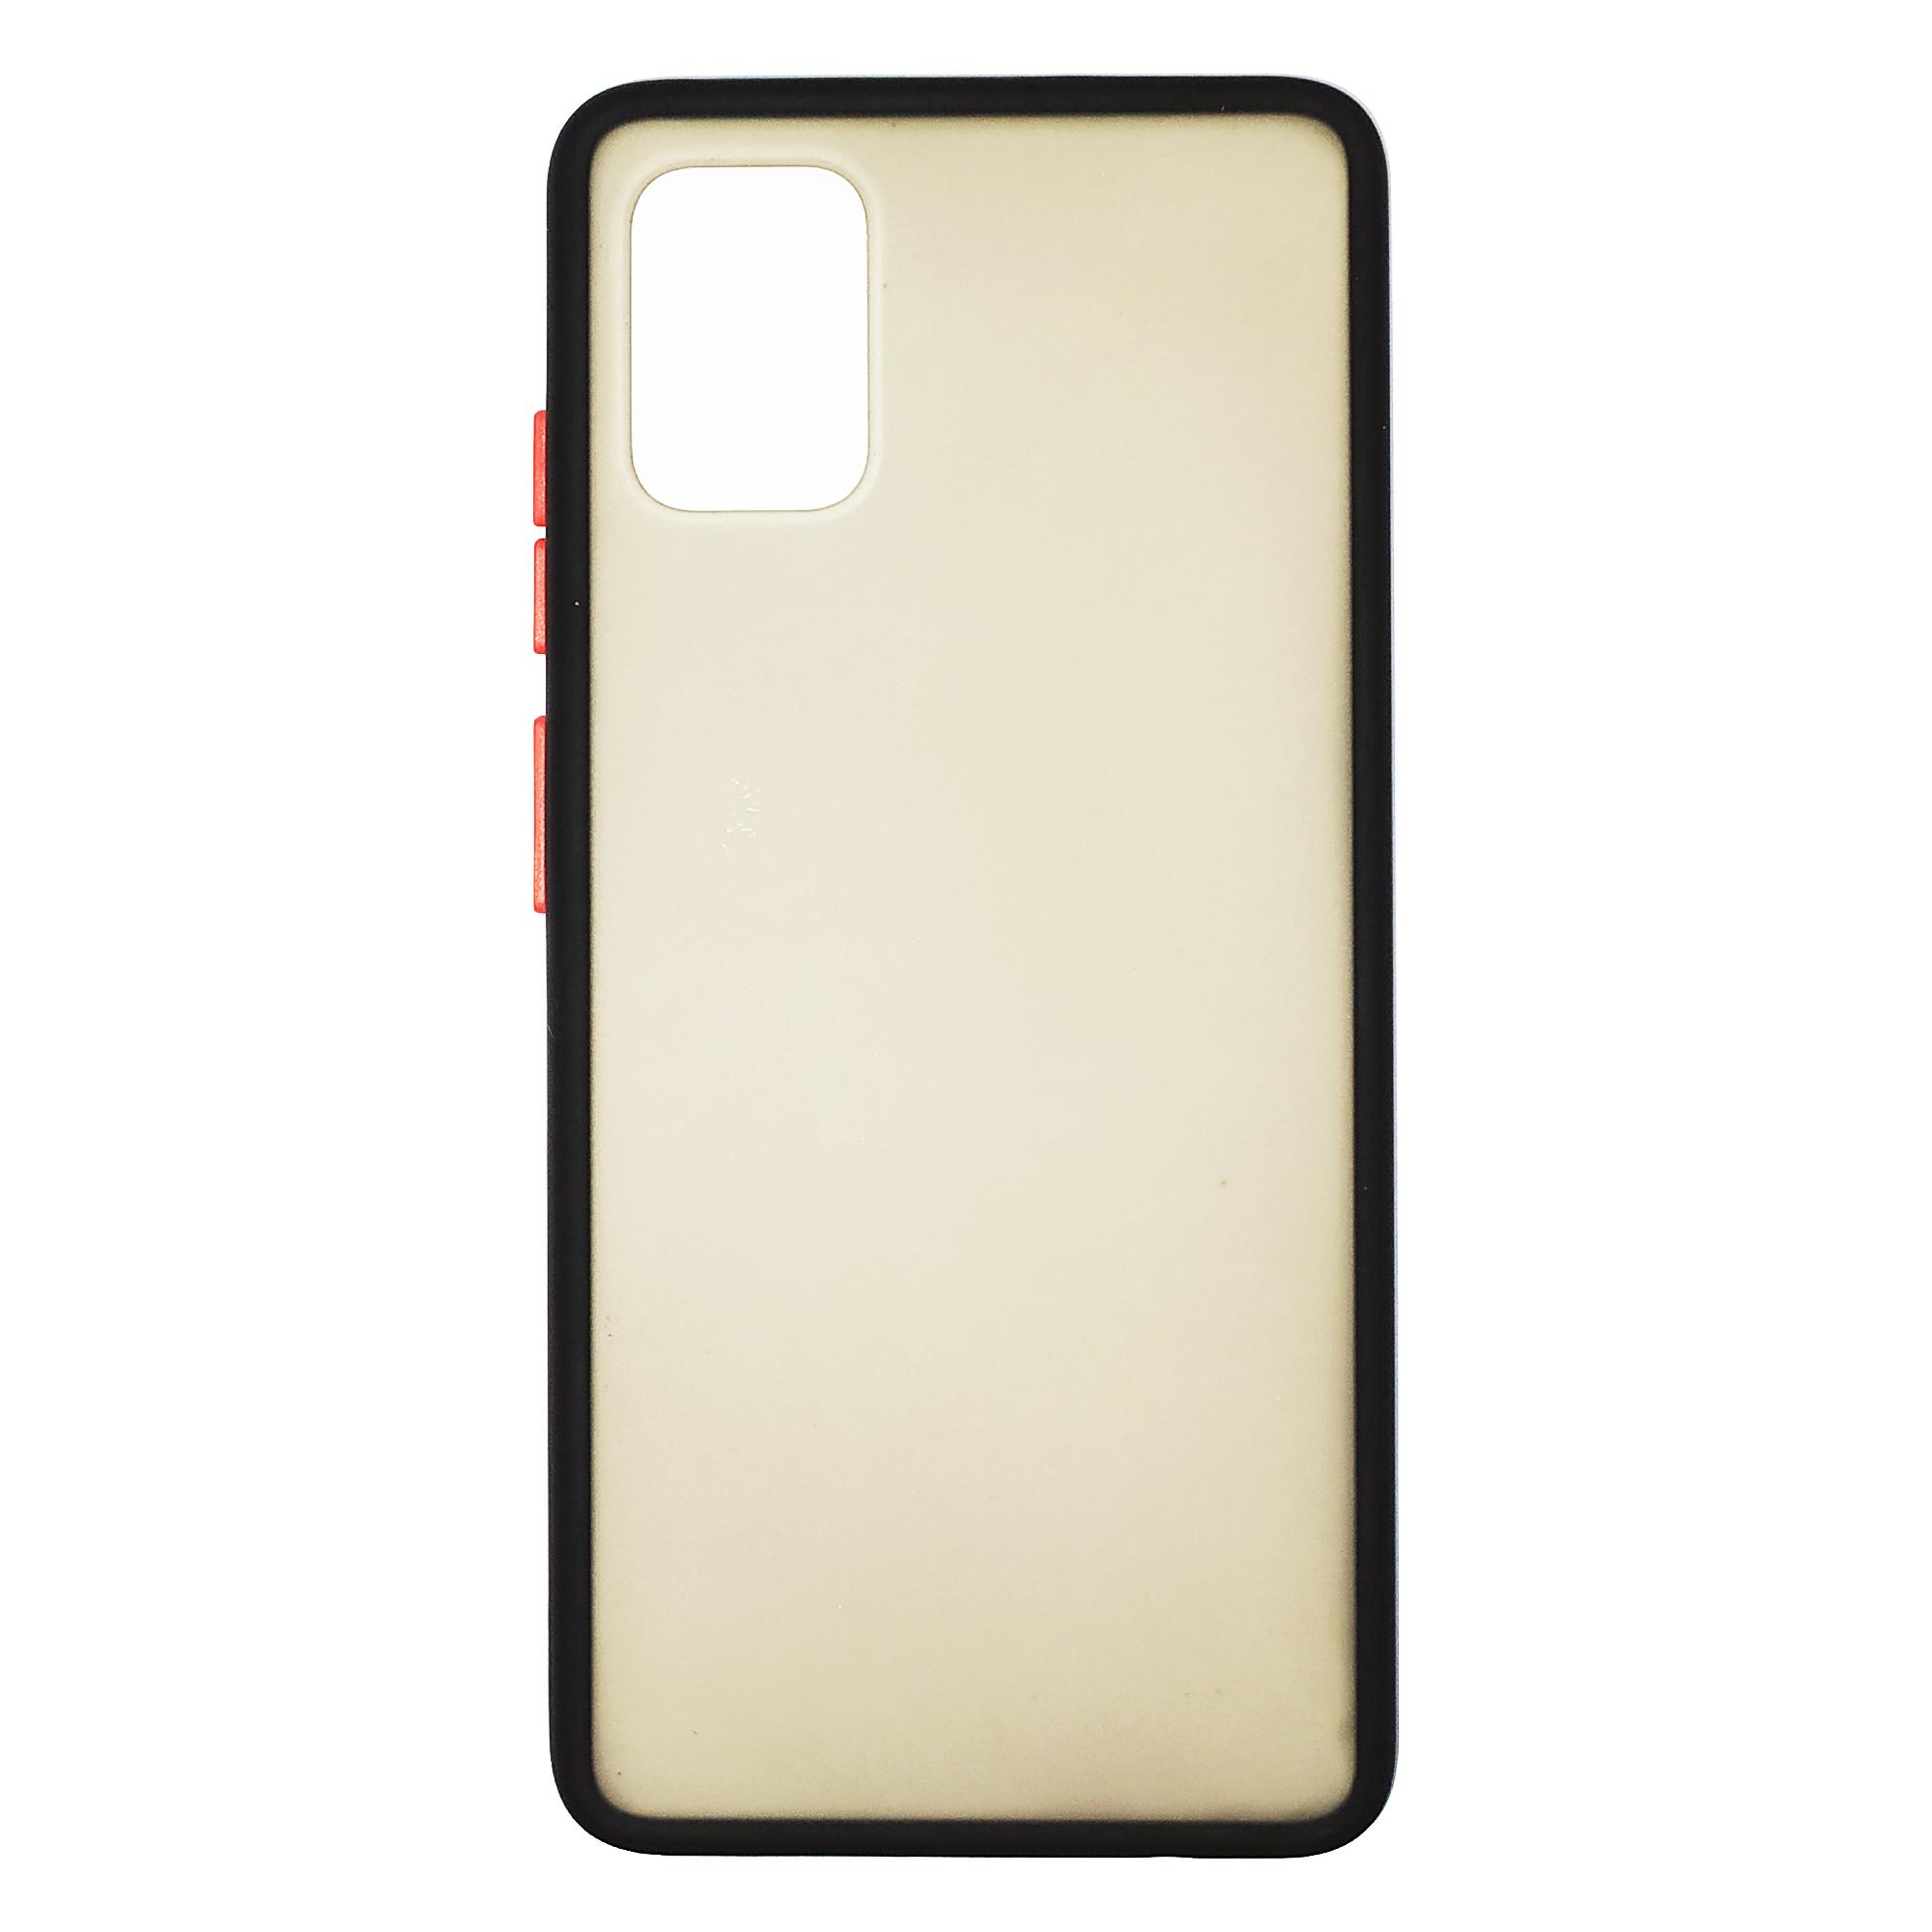 کاور مدل BMP01 مناسب برای گوشی موبایل سامسونگ Galaxy A51